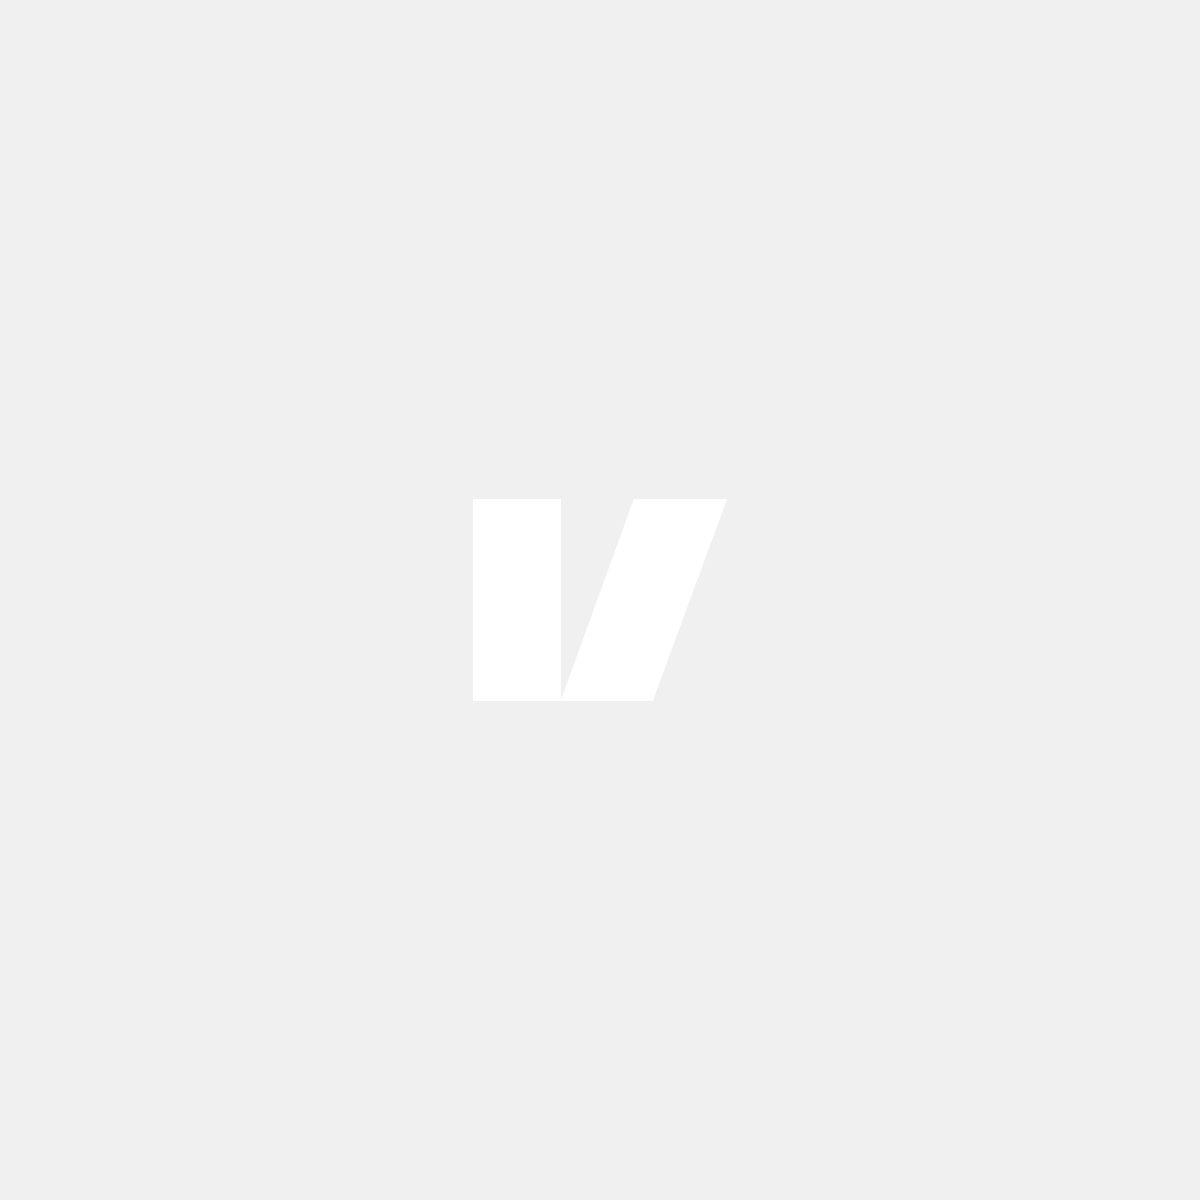 Kromat dimljusgaller till Volvo V70 08-13, passagerarsidan